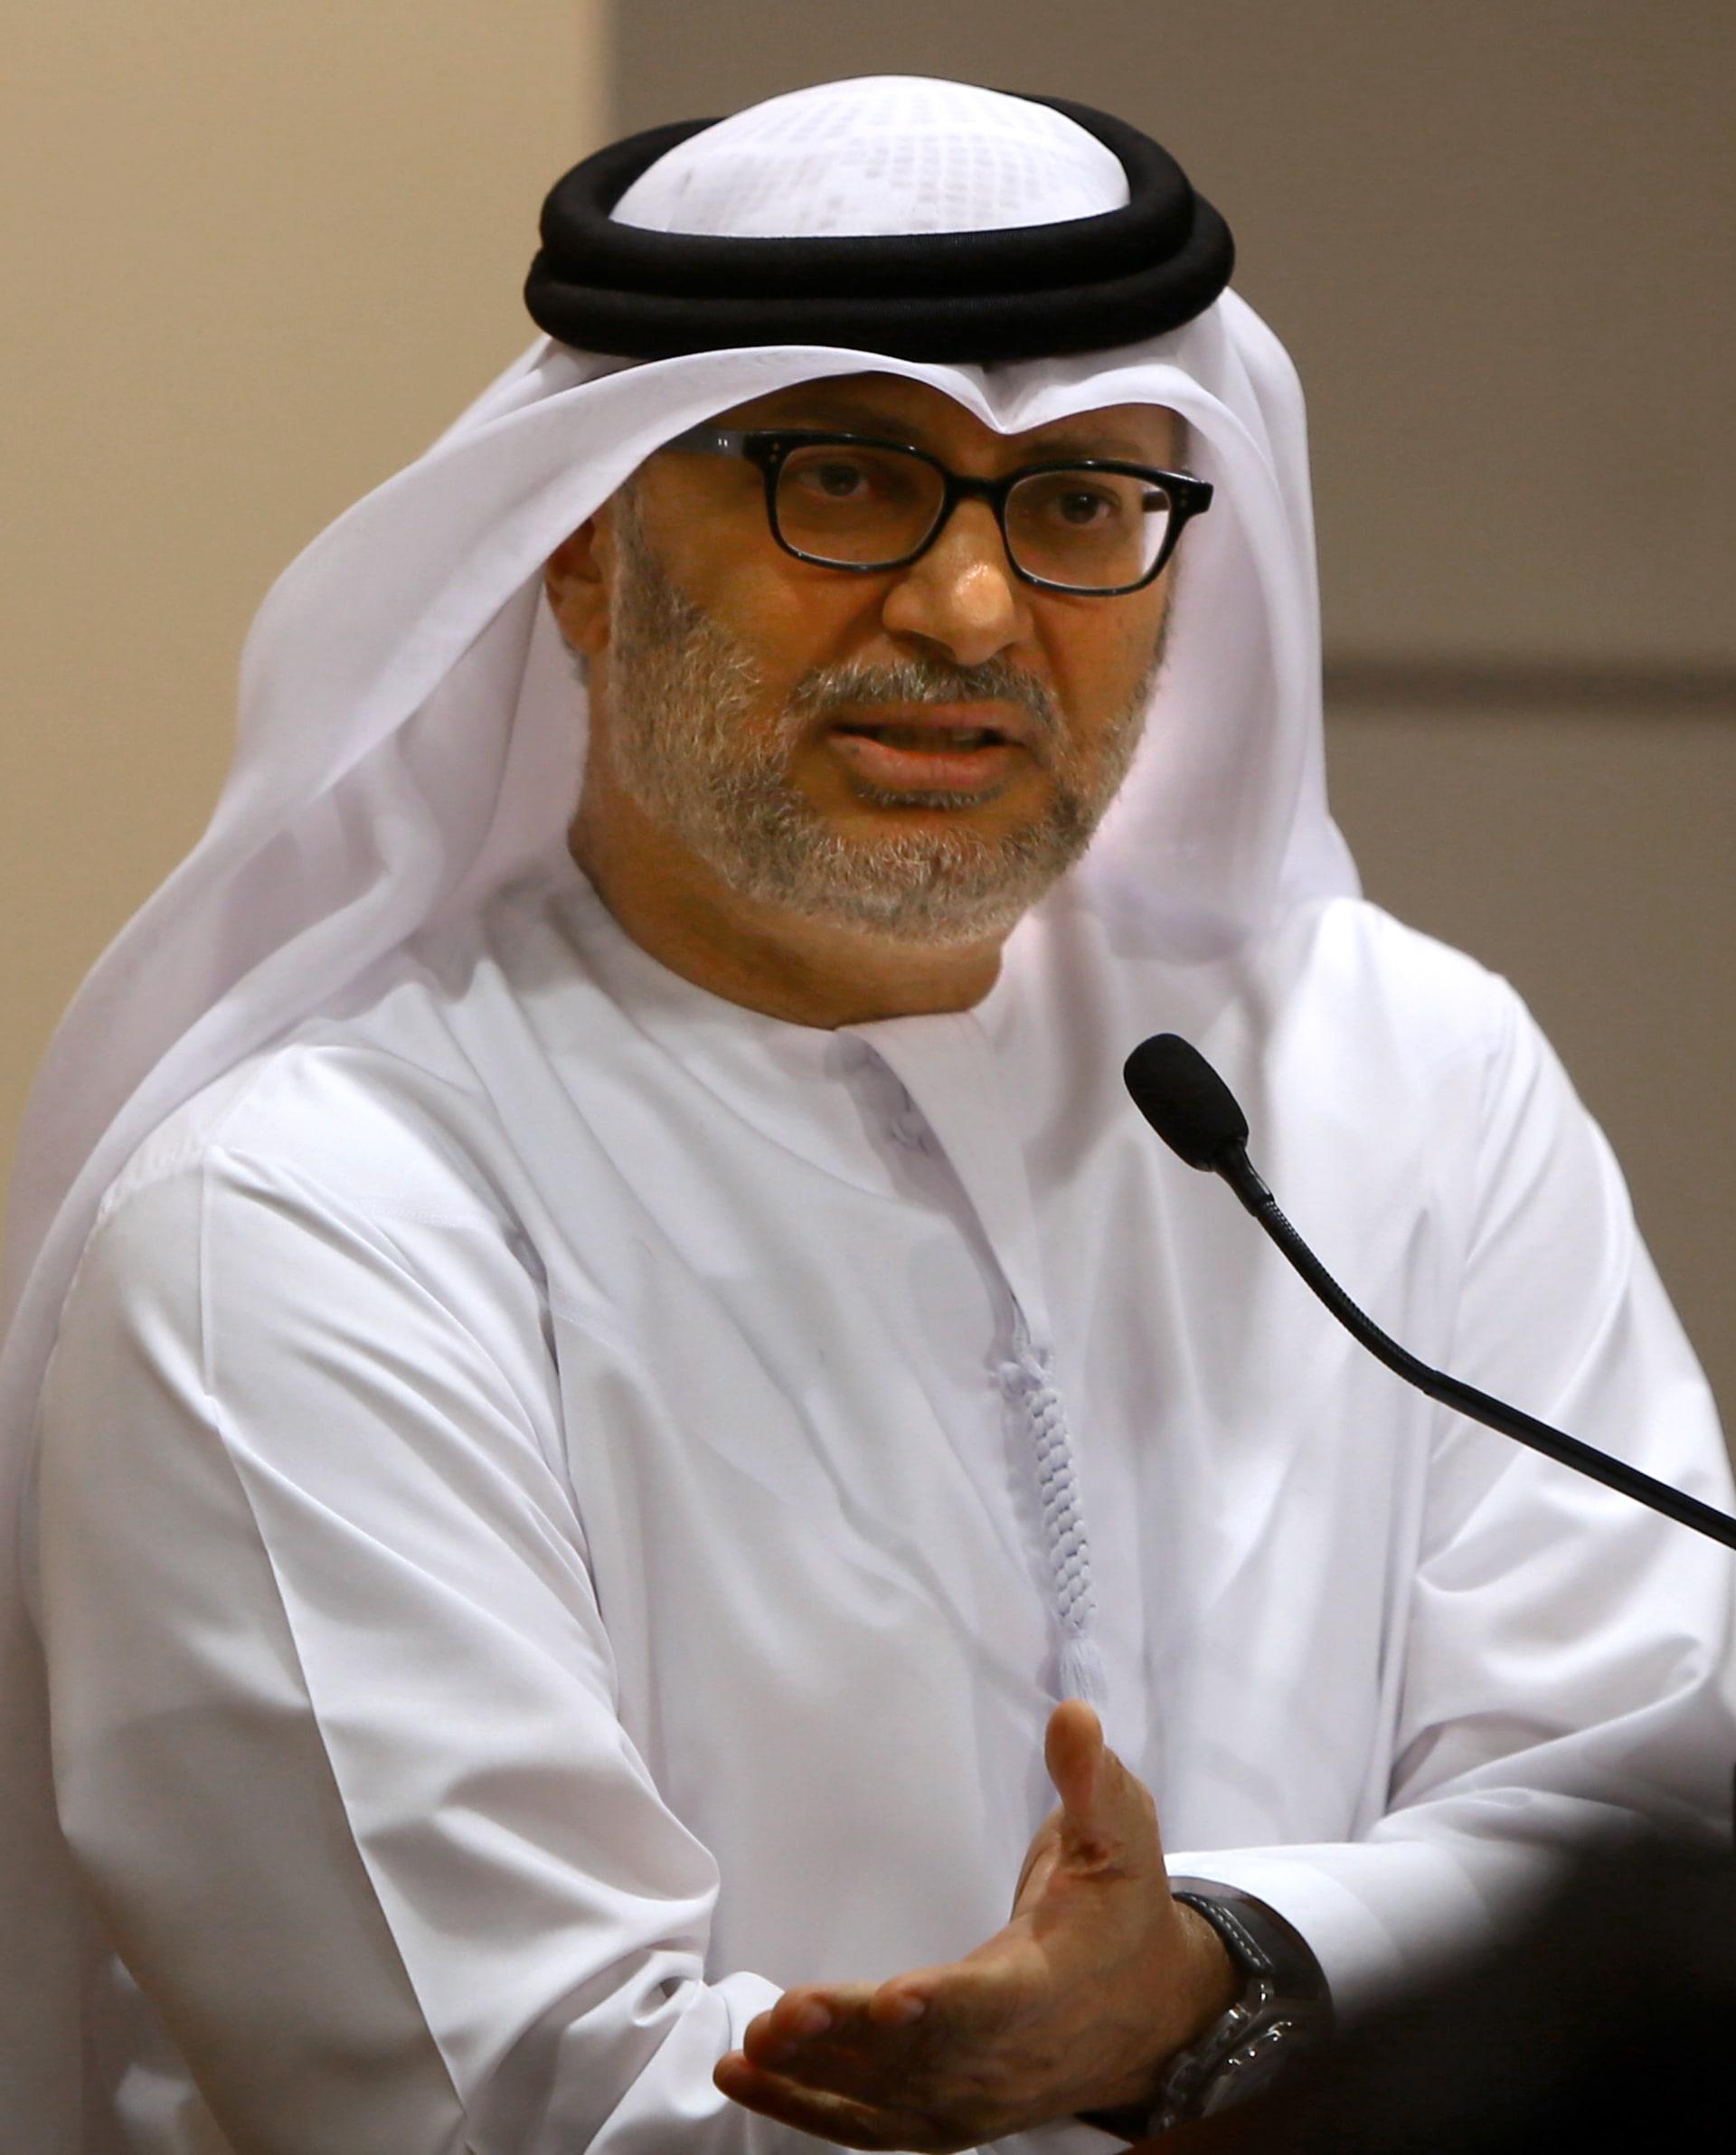 وزير إماراتي ينتقد تصريحات العبادي والممارسات بالعراق وسوريا: سياسة إيران طائفية وتحاول التوسع في العالم العربي